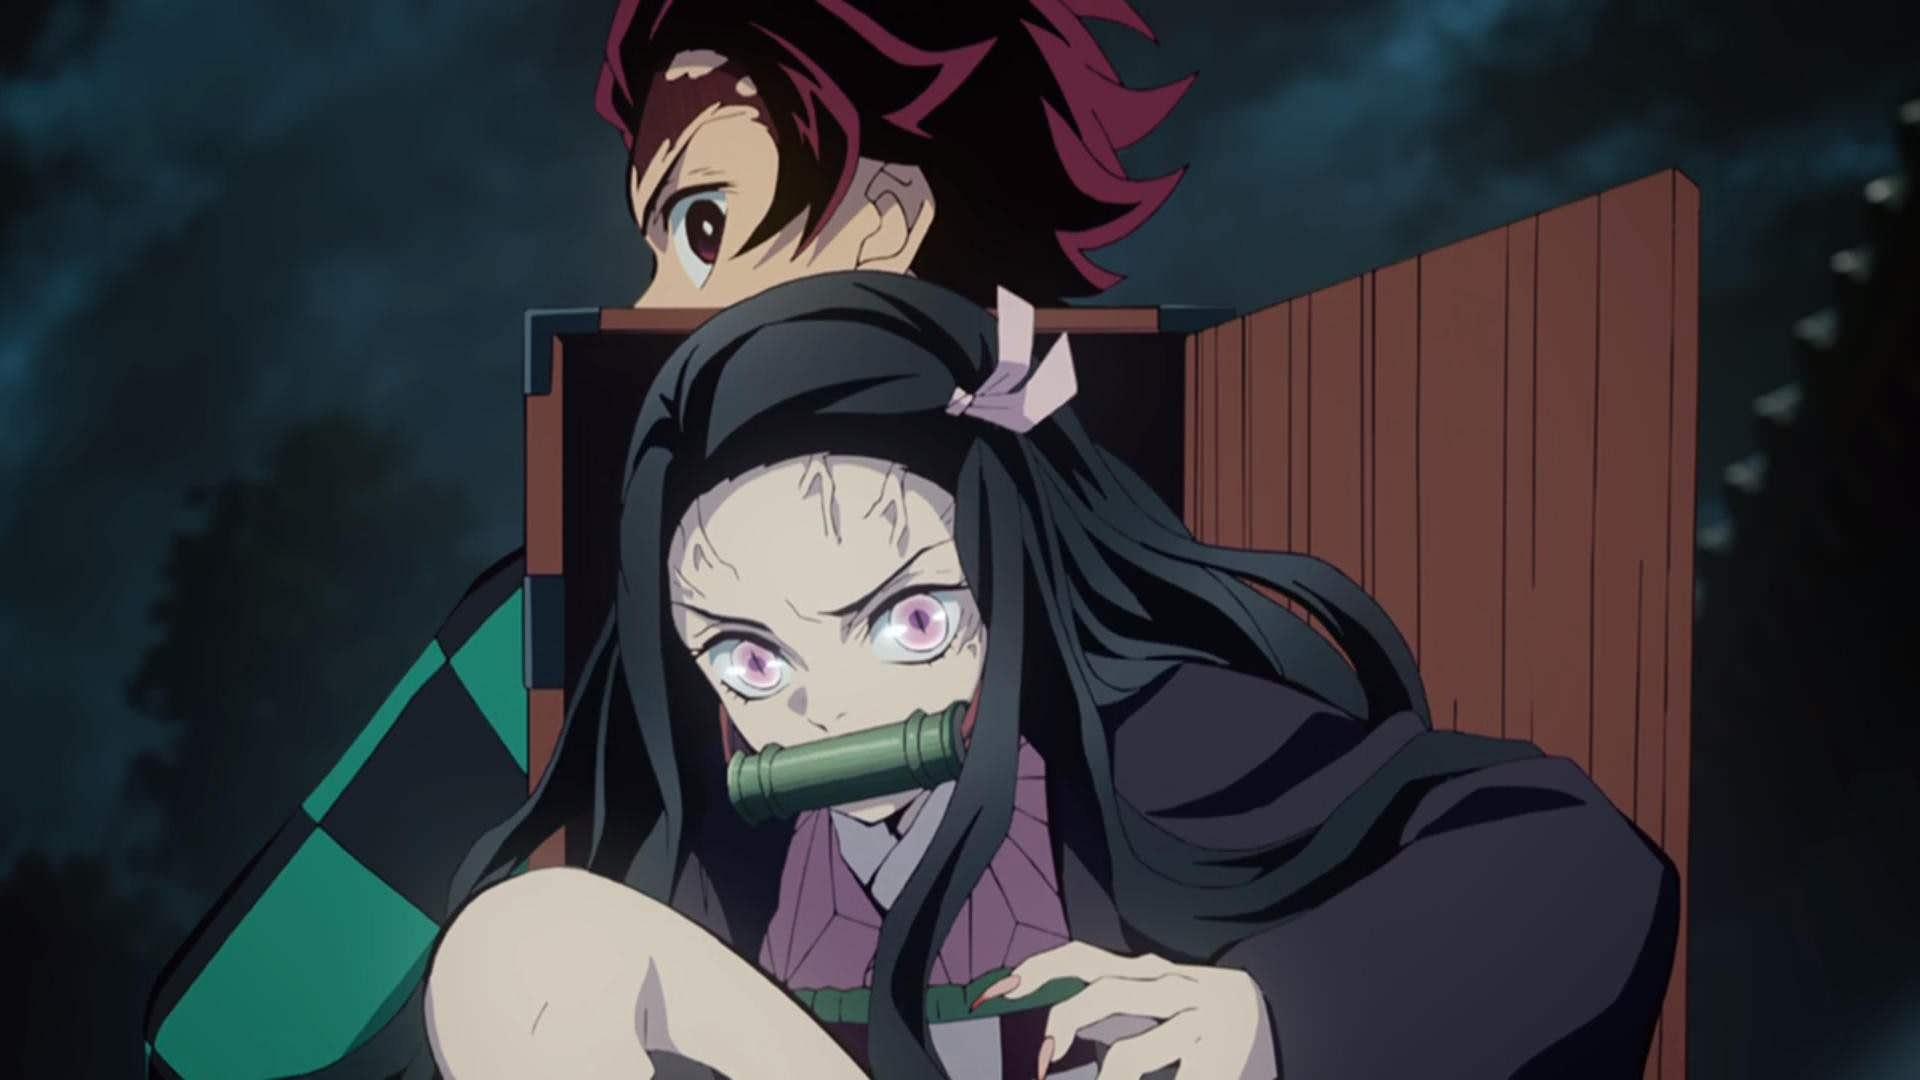 「禰豆子的血鬼術有多厲害?」上弦鬼都害怕她的原因,竟然跟她的身世有關!—《鬼滅之刃》—動漫的故事